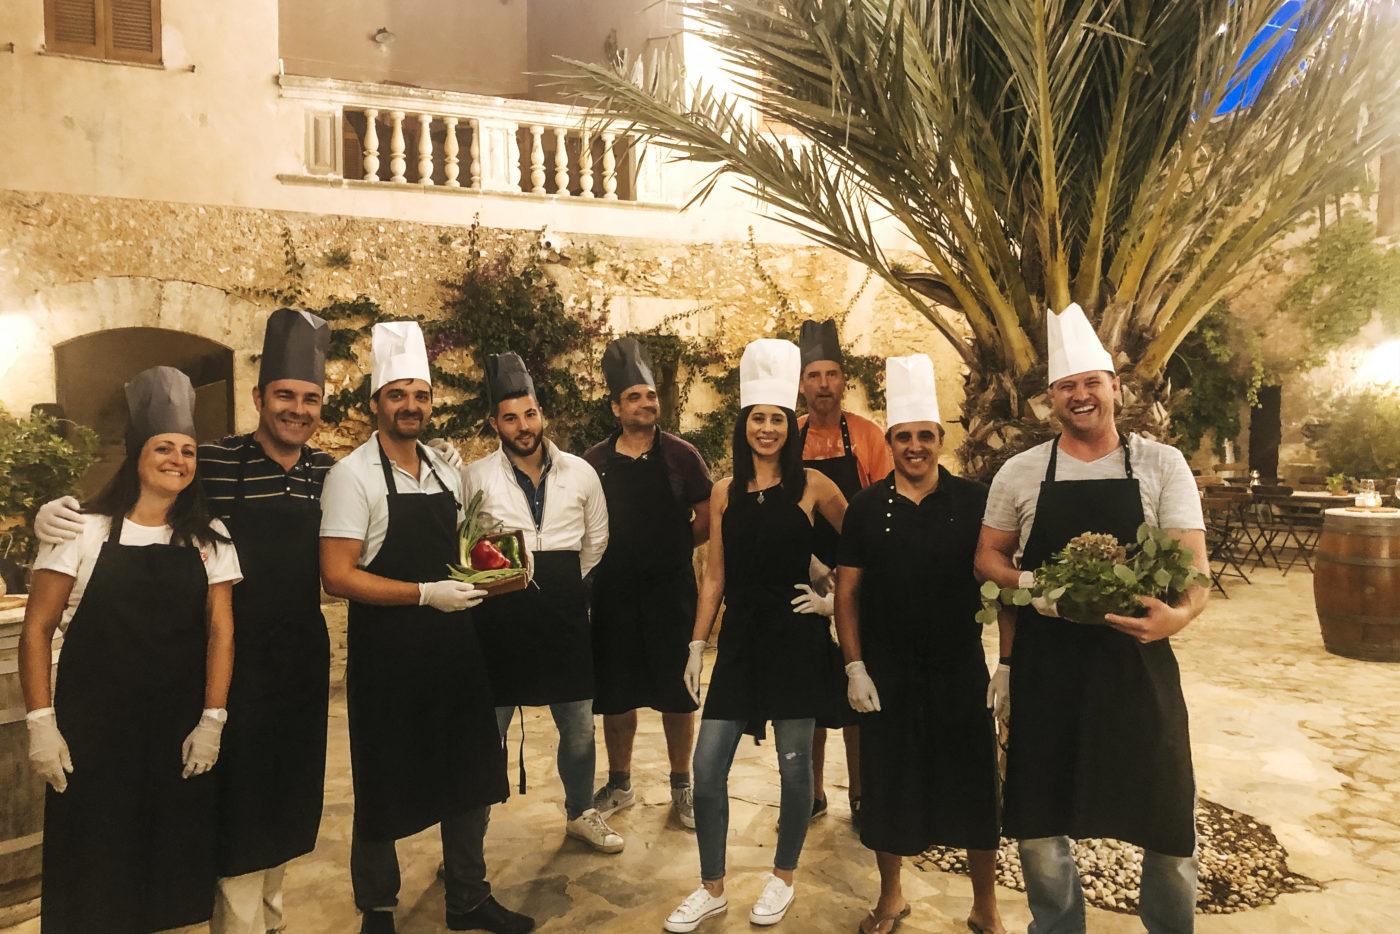 agence evenementielle receptive pays basque erronda seminaire team building incentive event baléares Majorque Mallorca réunion quad cours cuisine